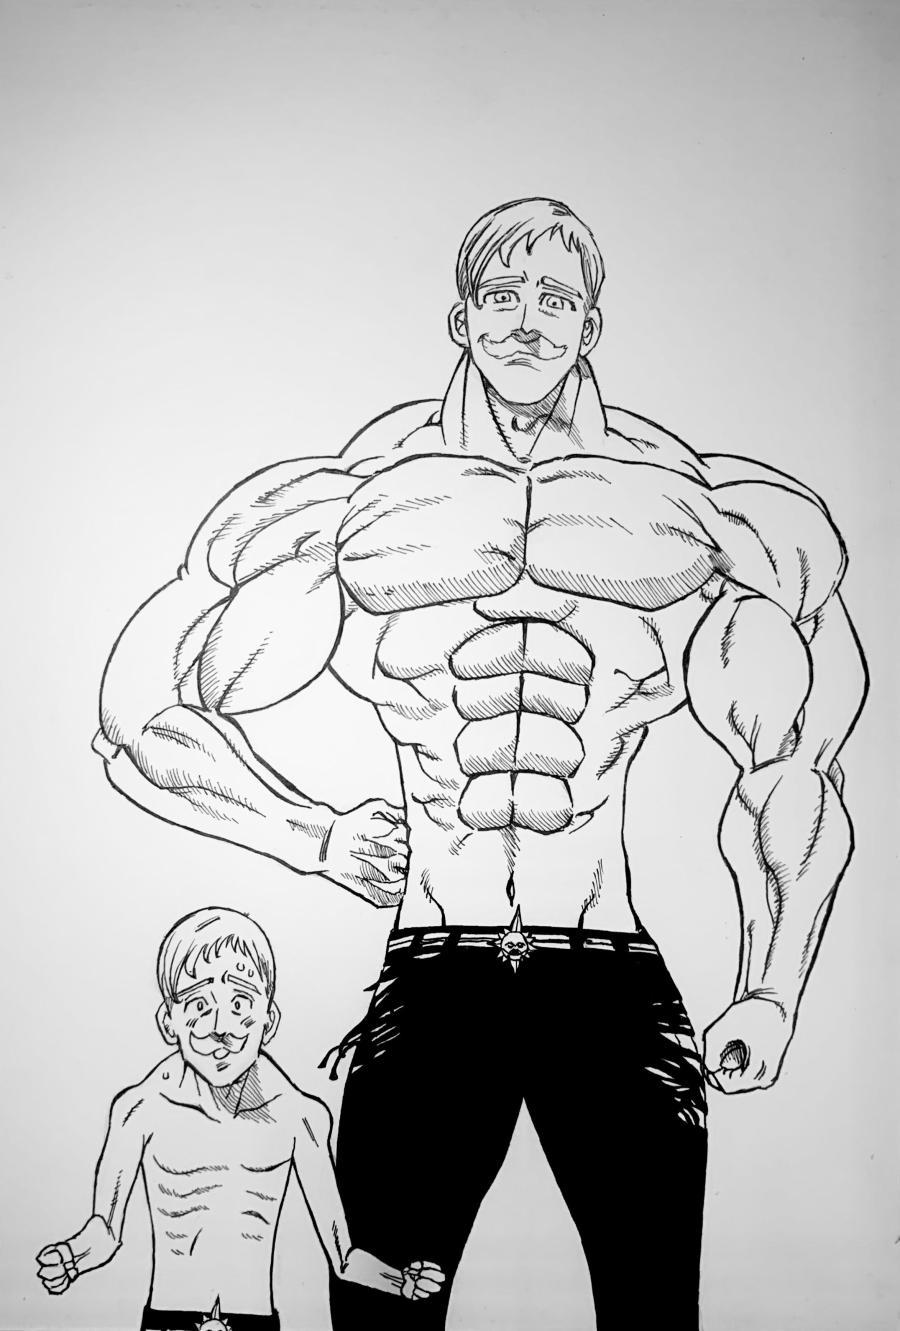 Nanatsu no taizai Escanor drawing, hope you enjoy my work!